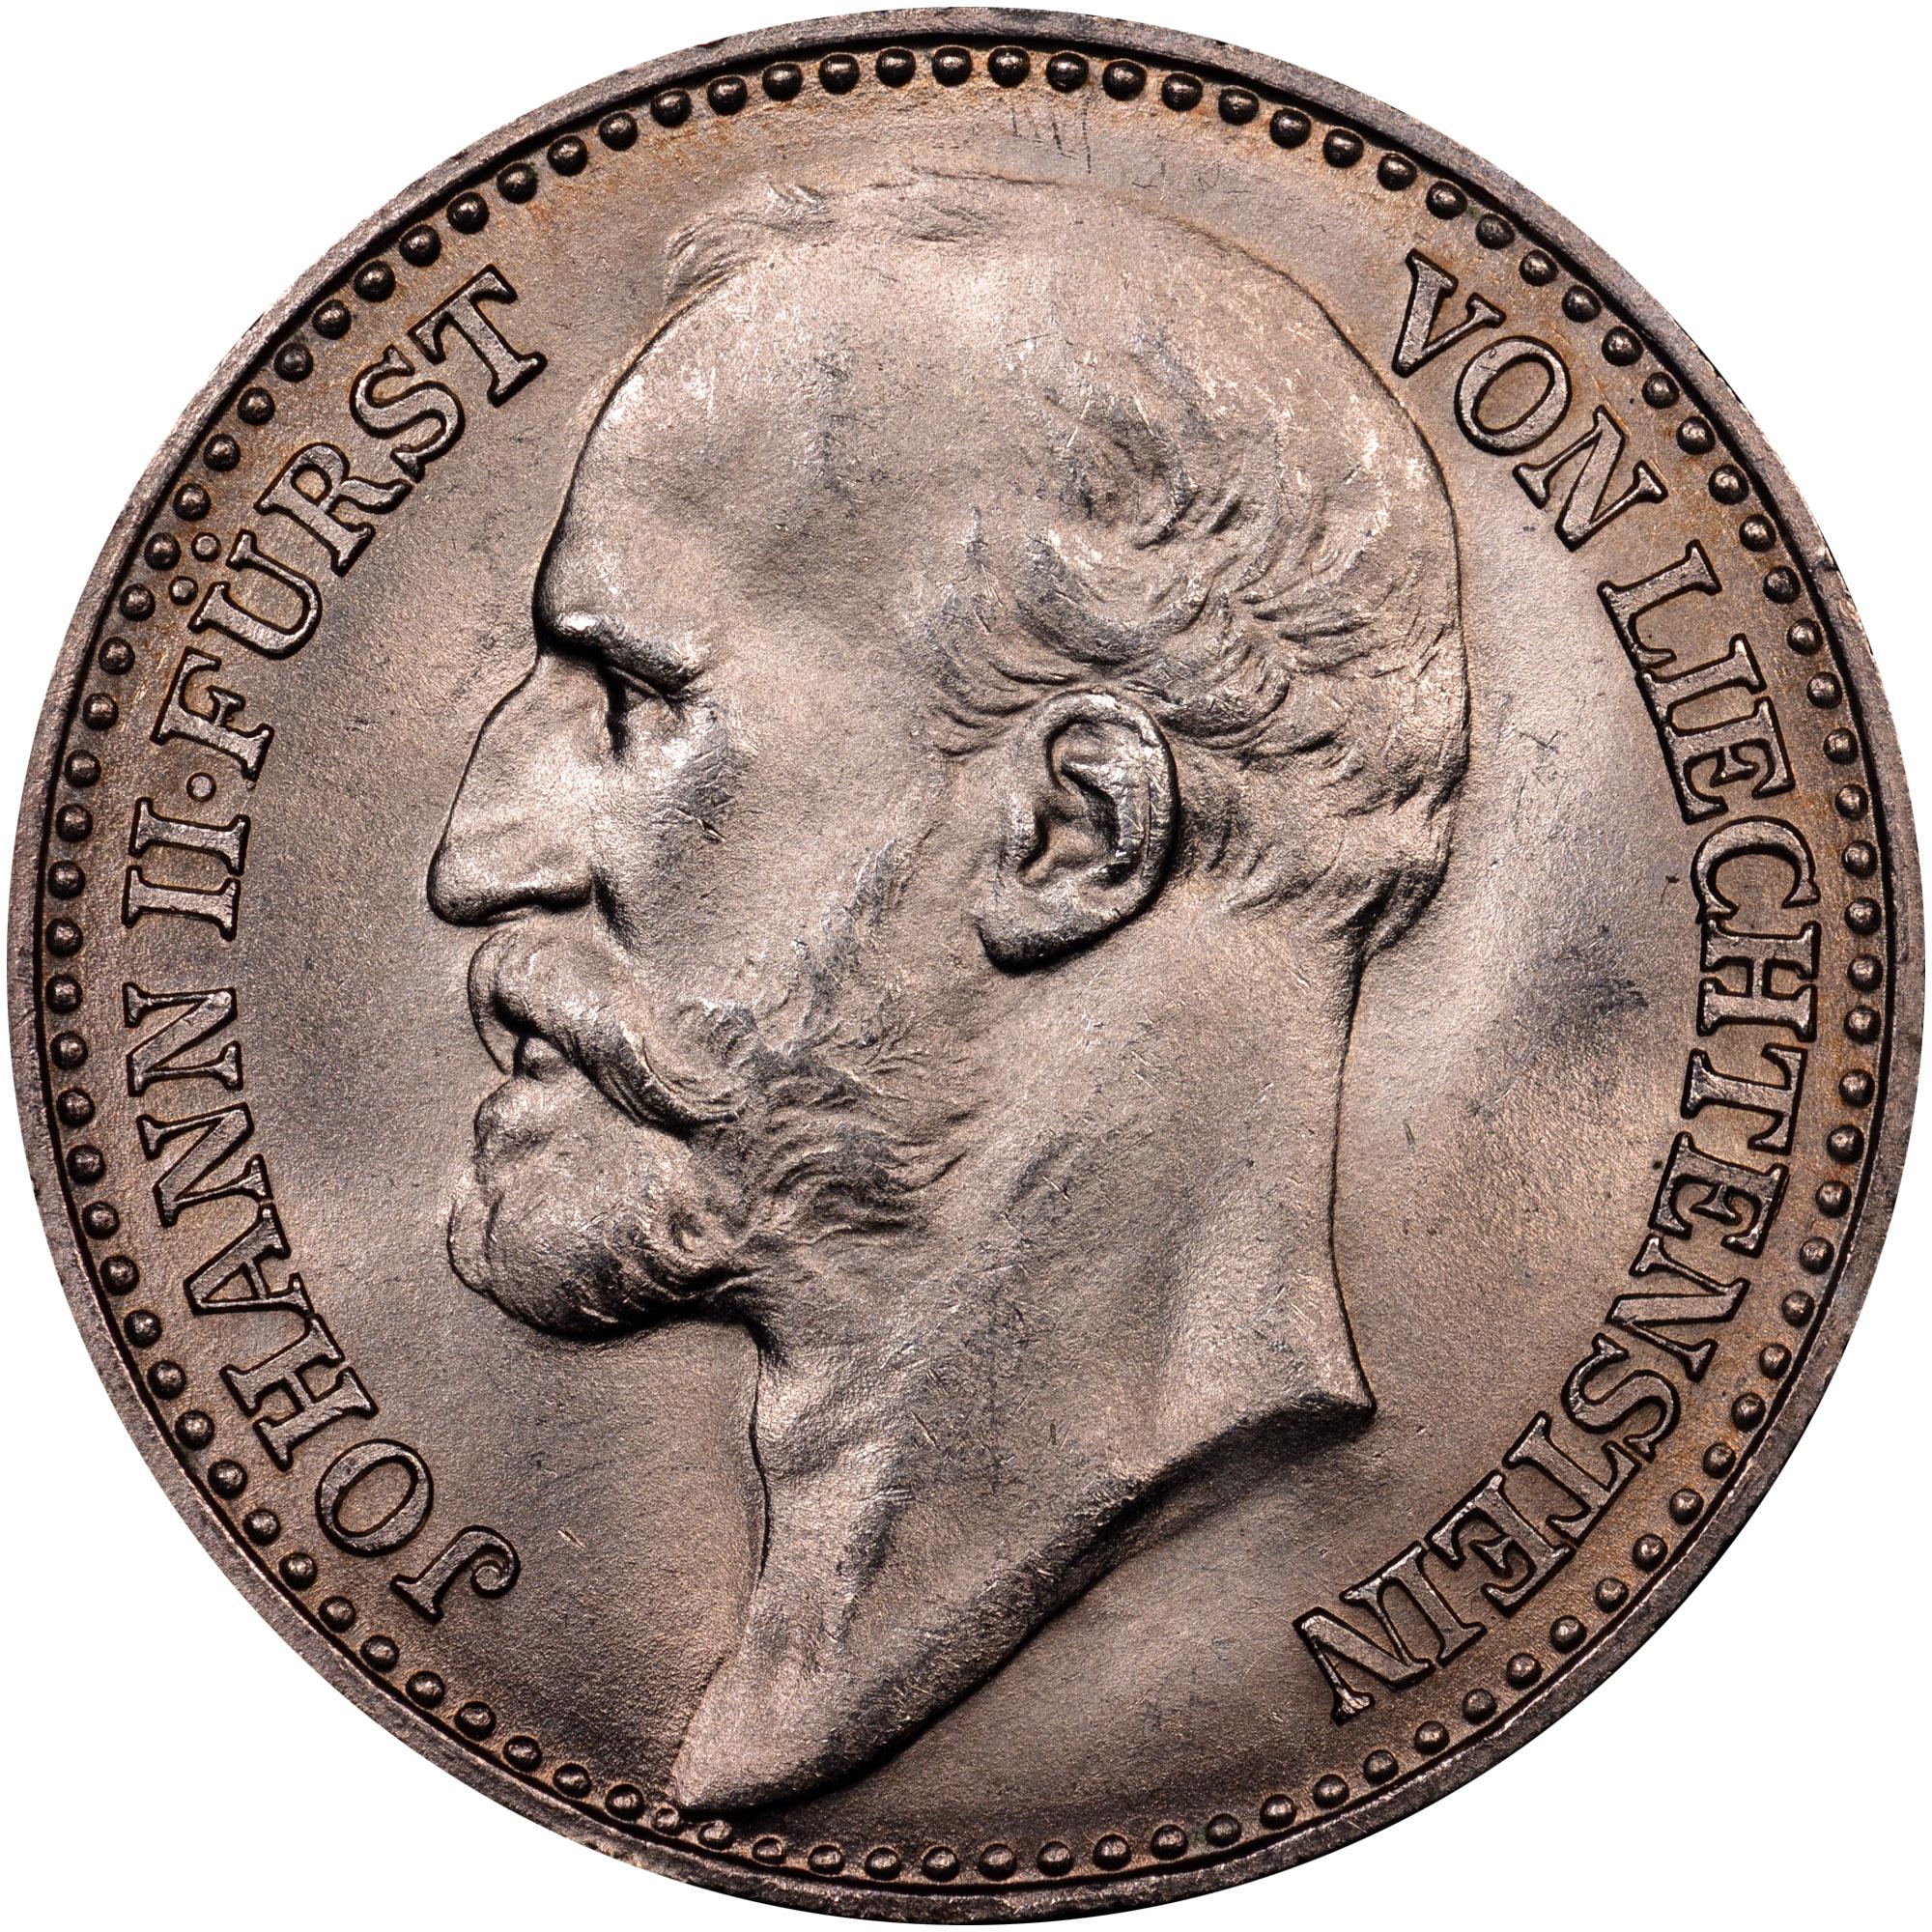 1900-1915 Liechtenstein Krone obverse